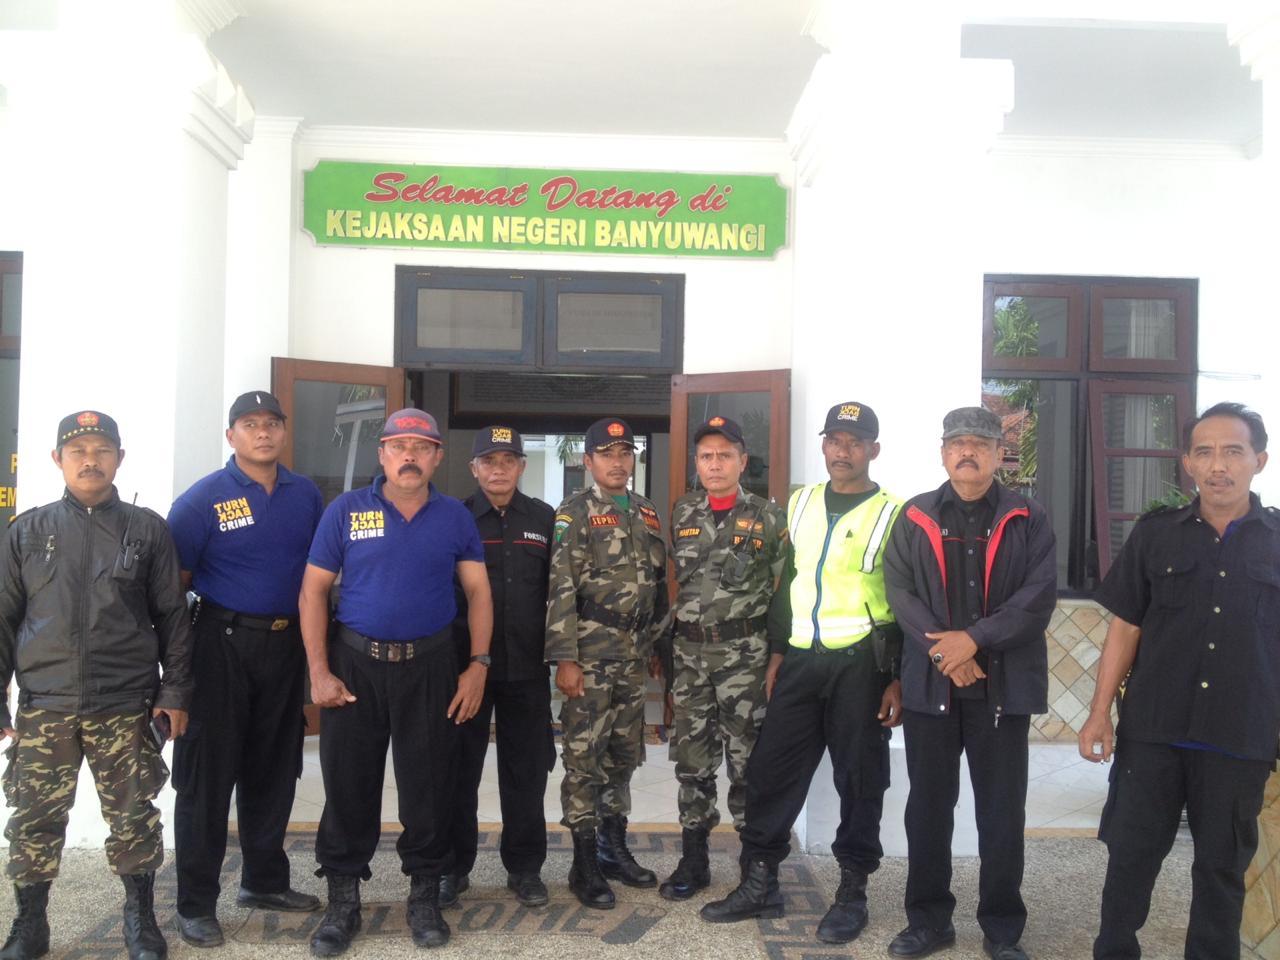 Anggota Forum Penyelamat NKRI saat berada di kejaksaan Negeri Banyuwangi.